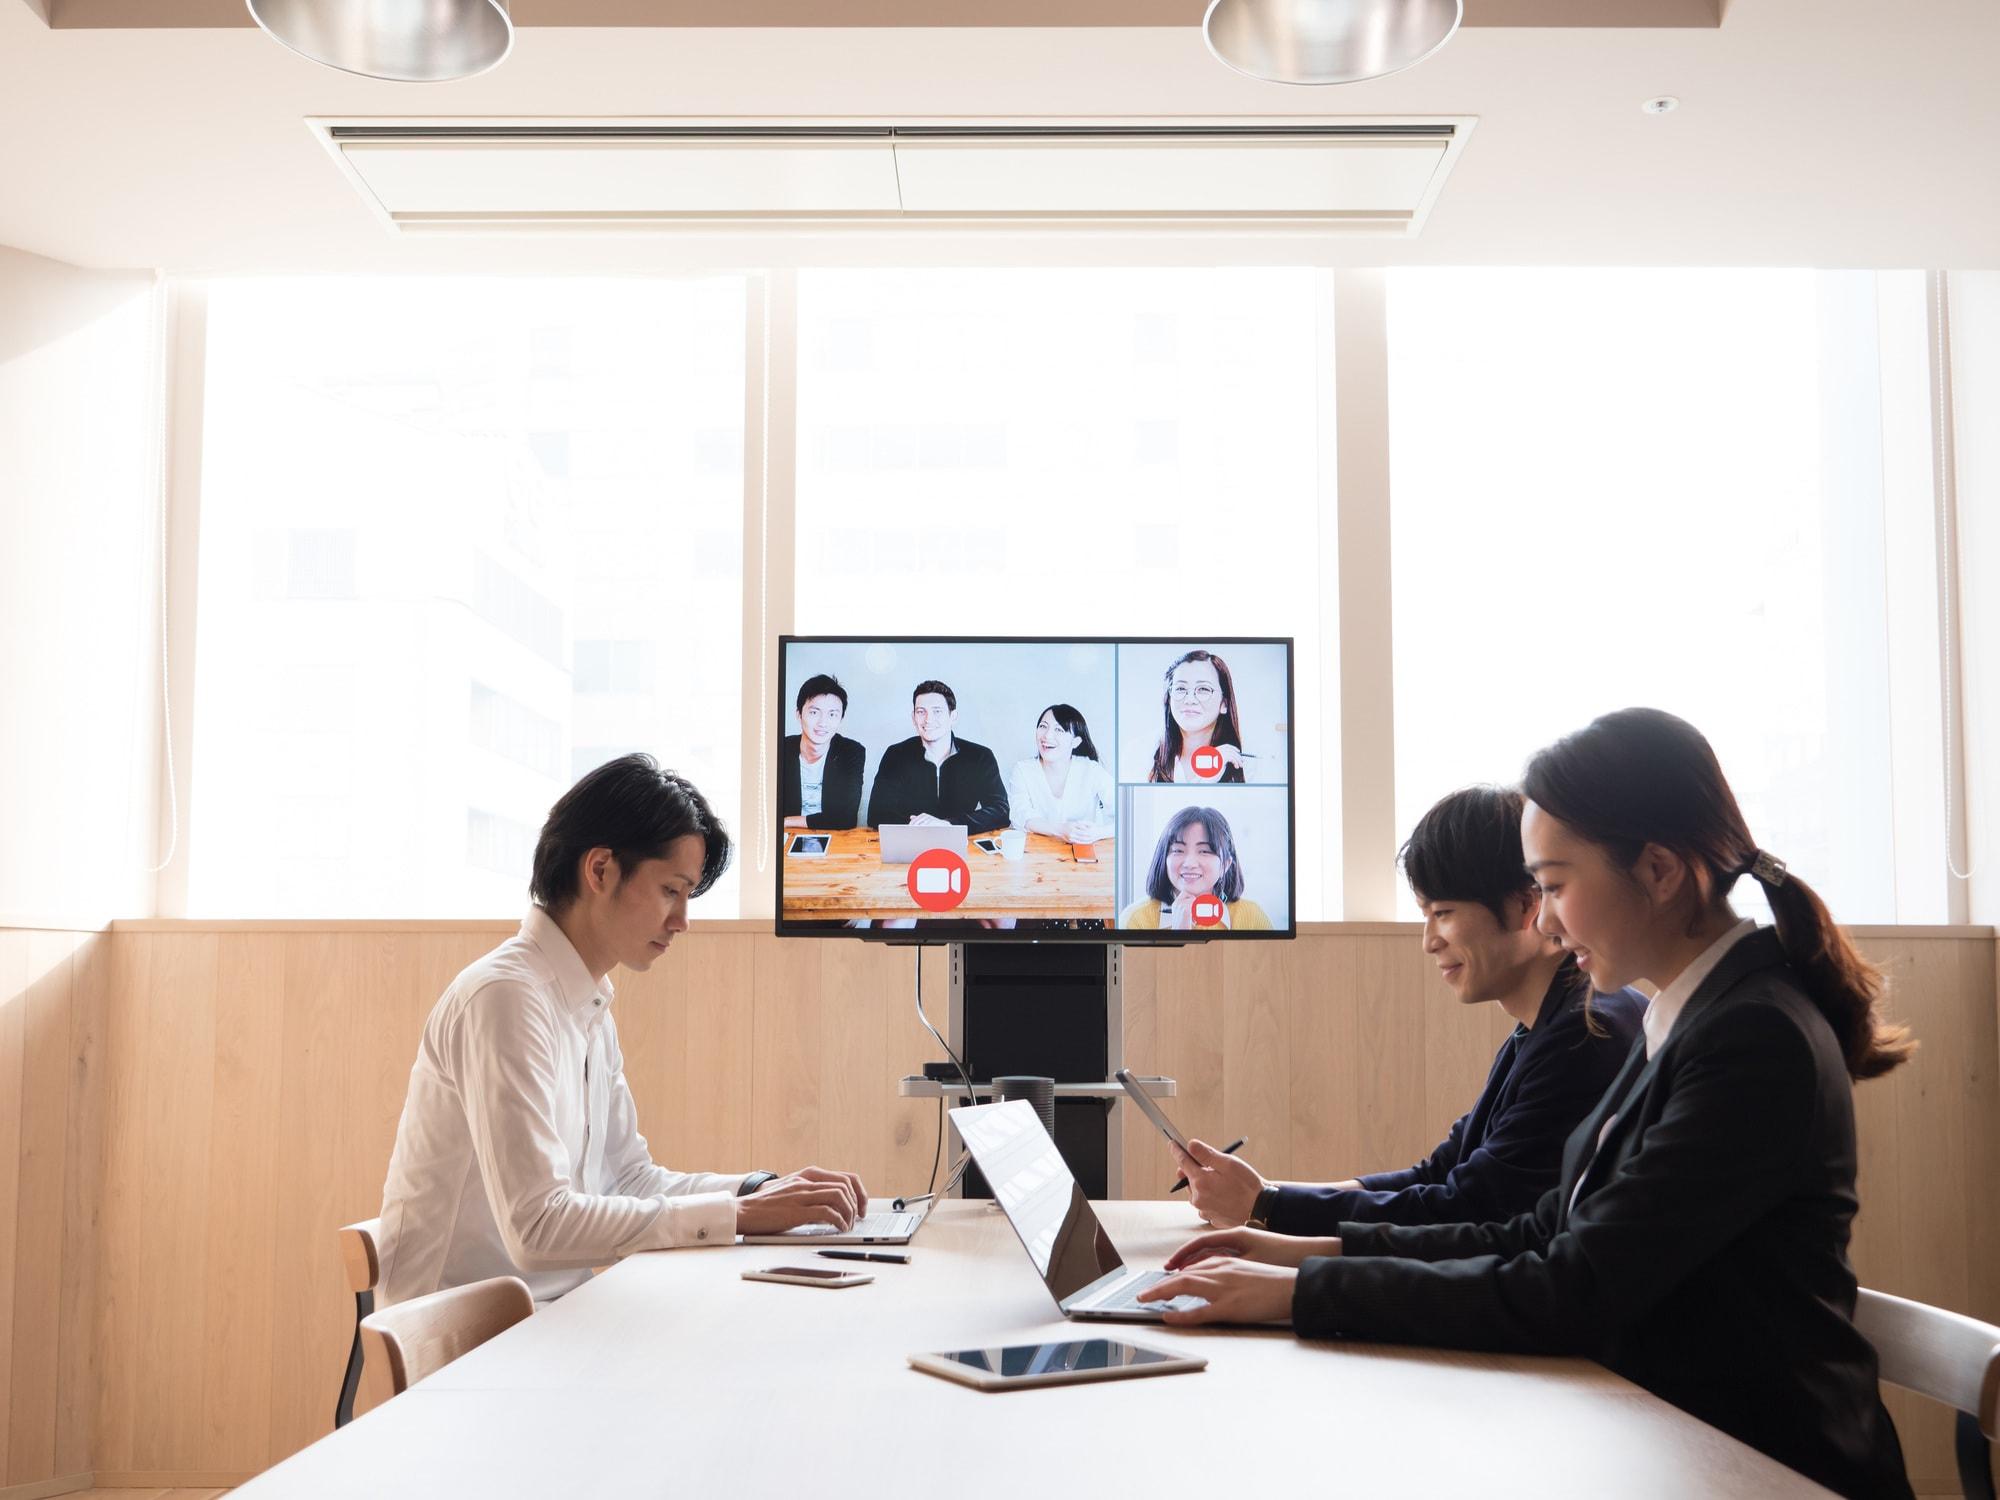 オンライン企業研修の実施方法